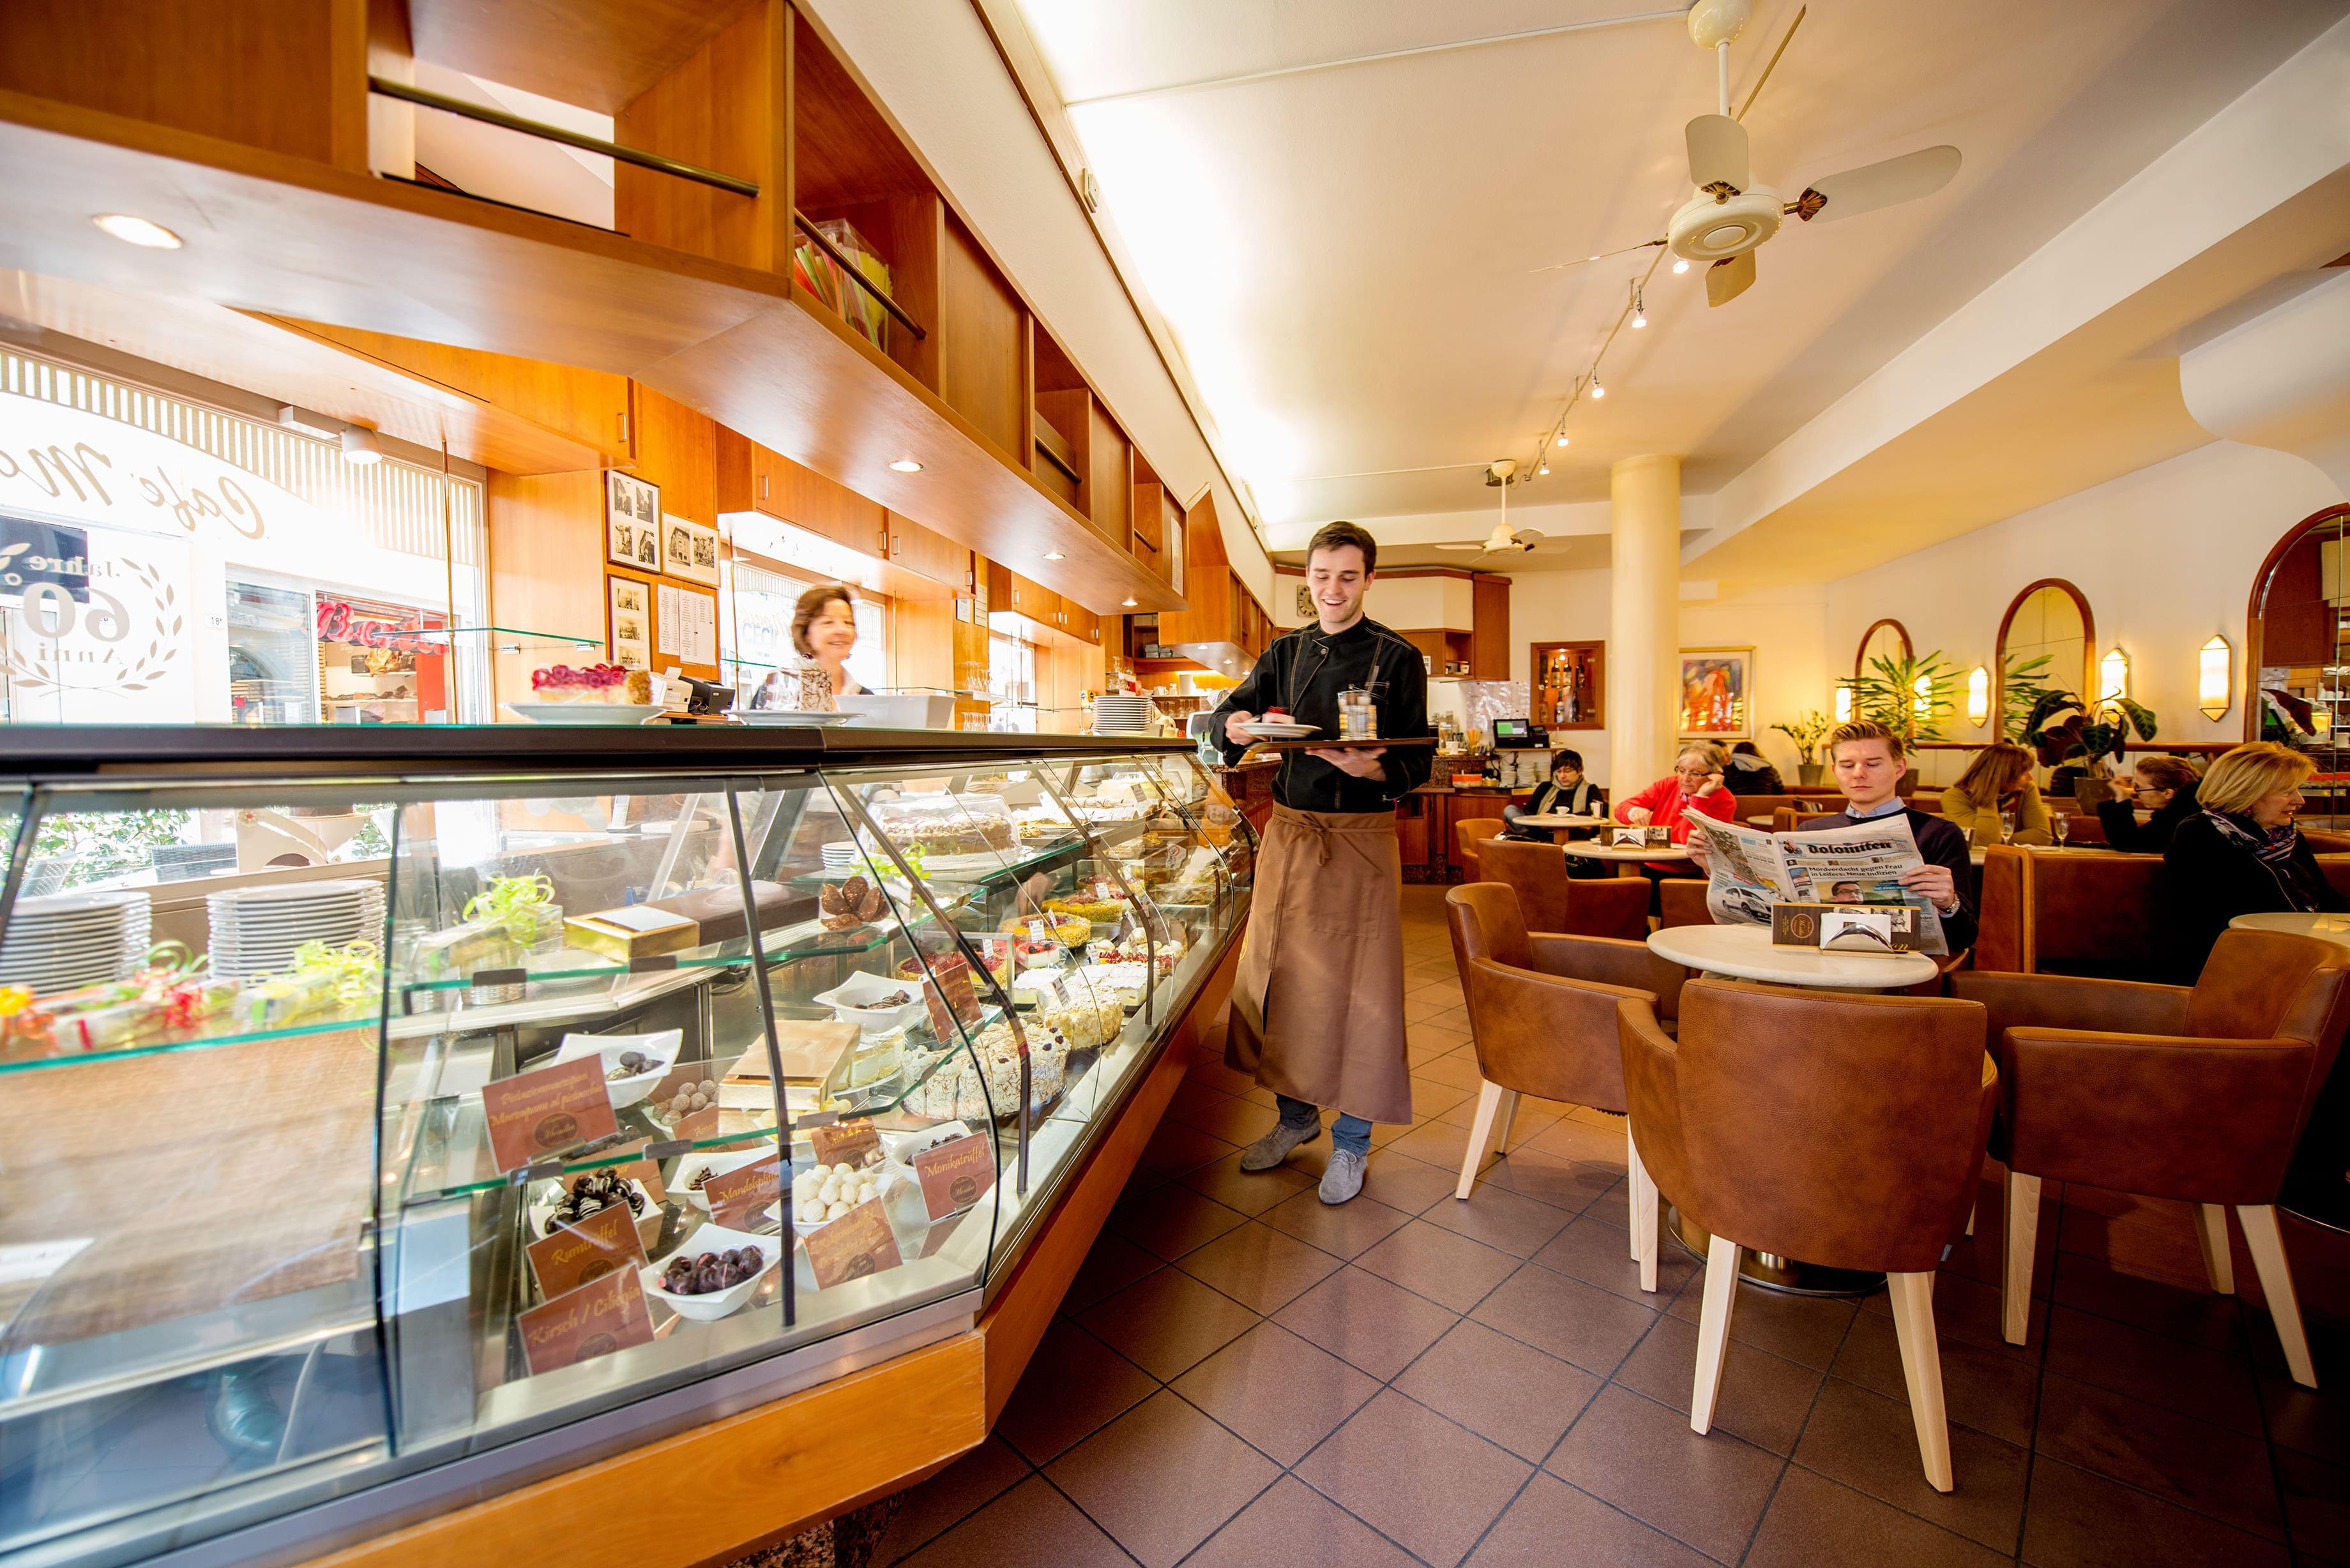 Café Konditorei Monika